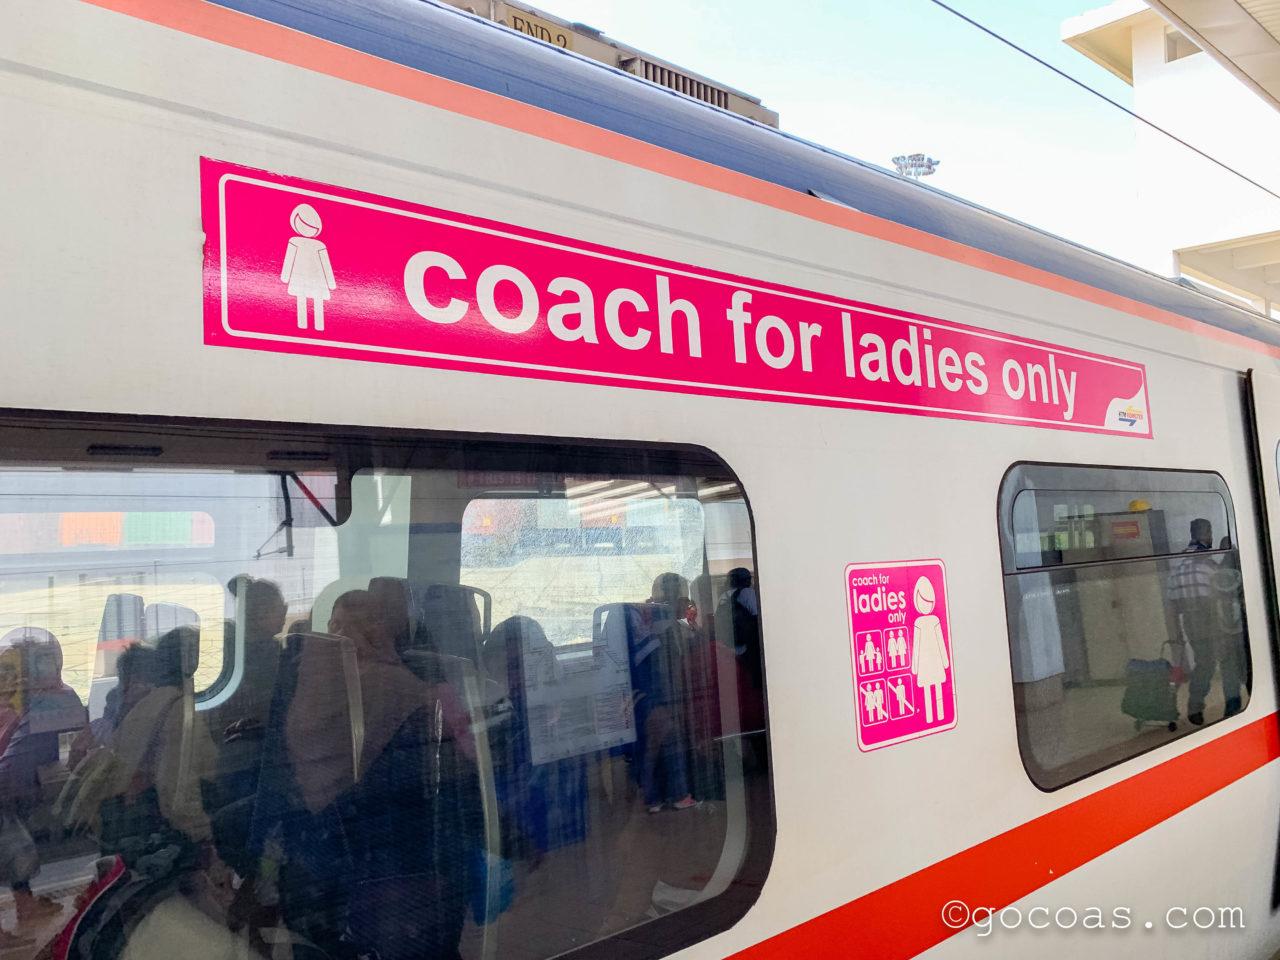 Buttrerworth駅で見た電車の女性専用車両